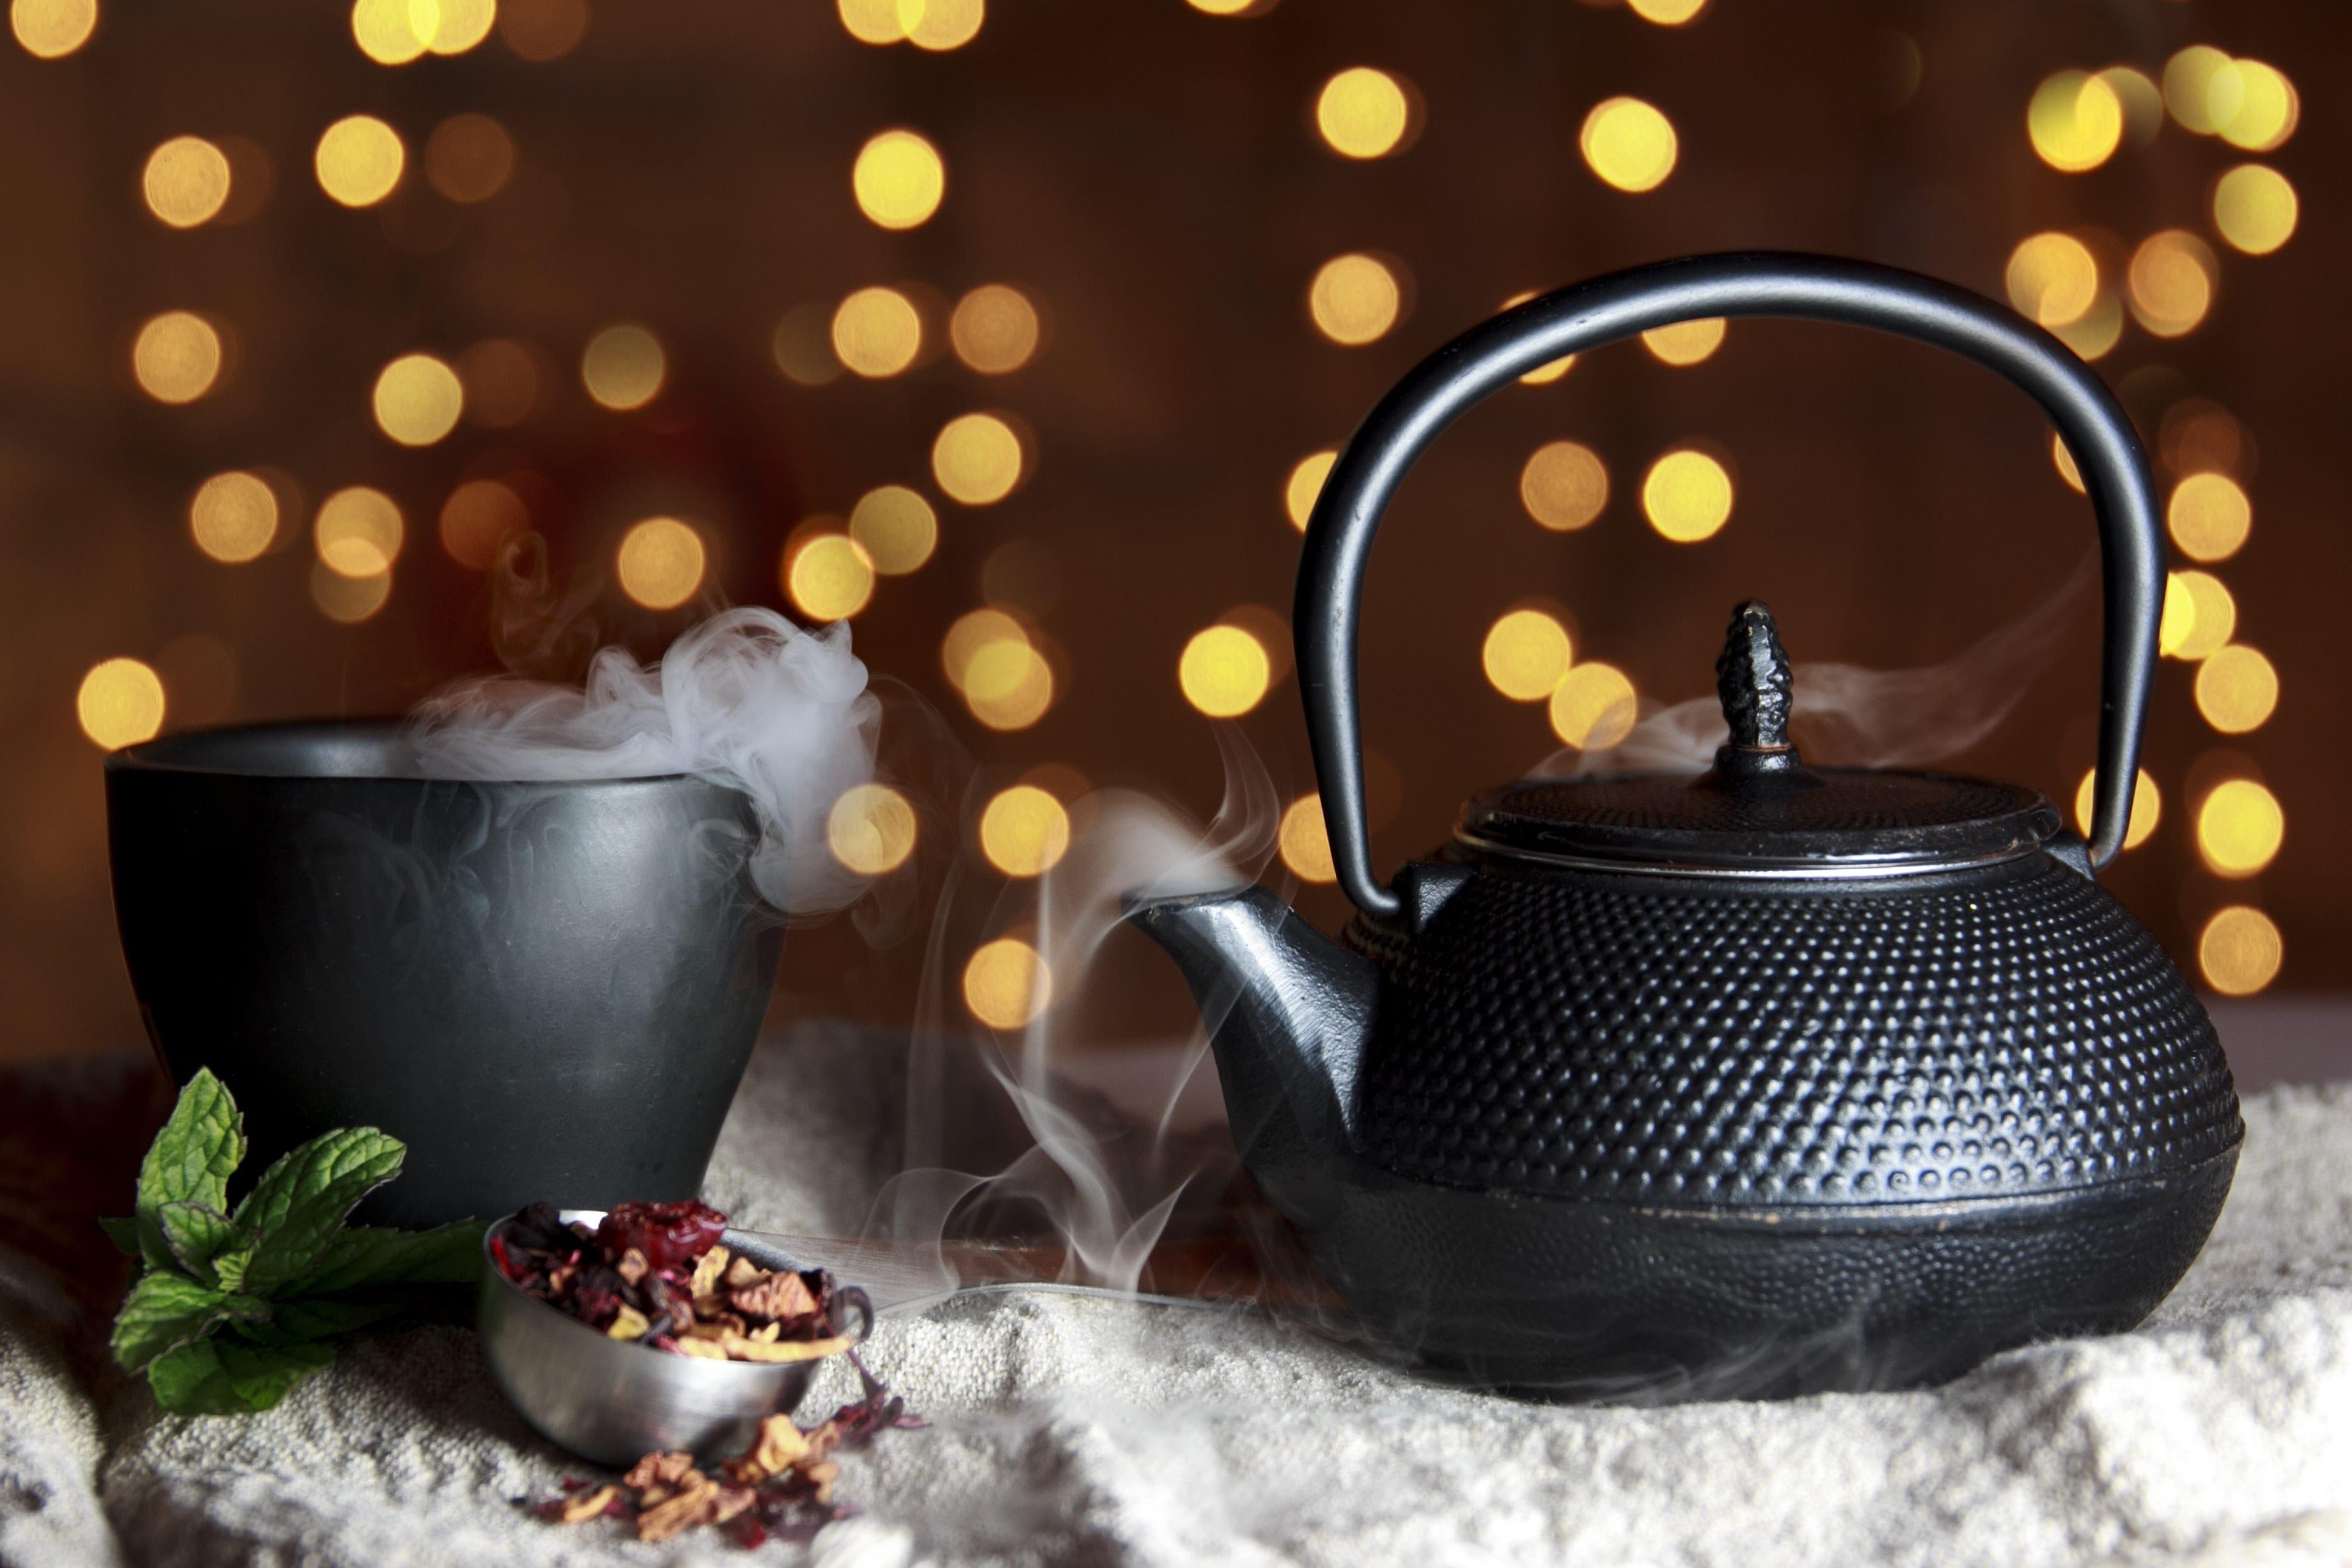 Čaj. Aký je jeho dopad na zdravie ti vysvetlia majitelia čajovne z Nitry